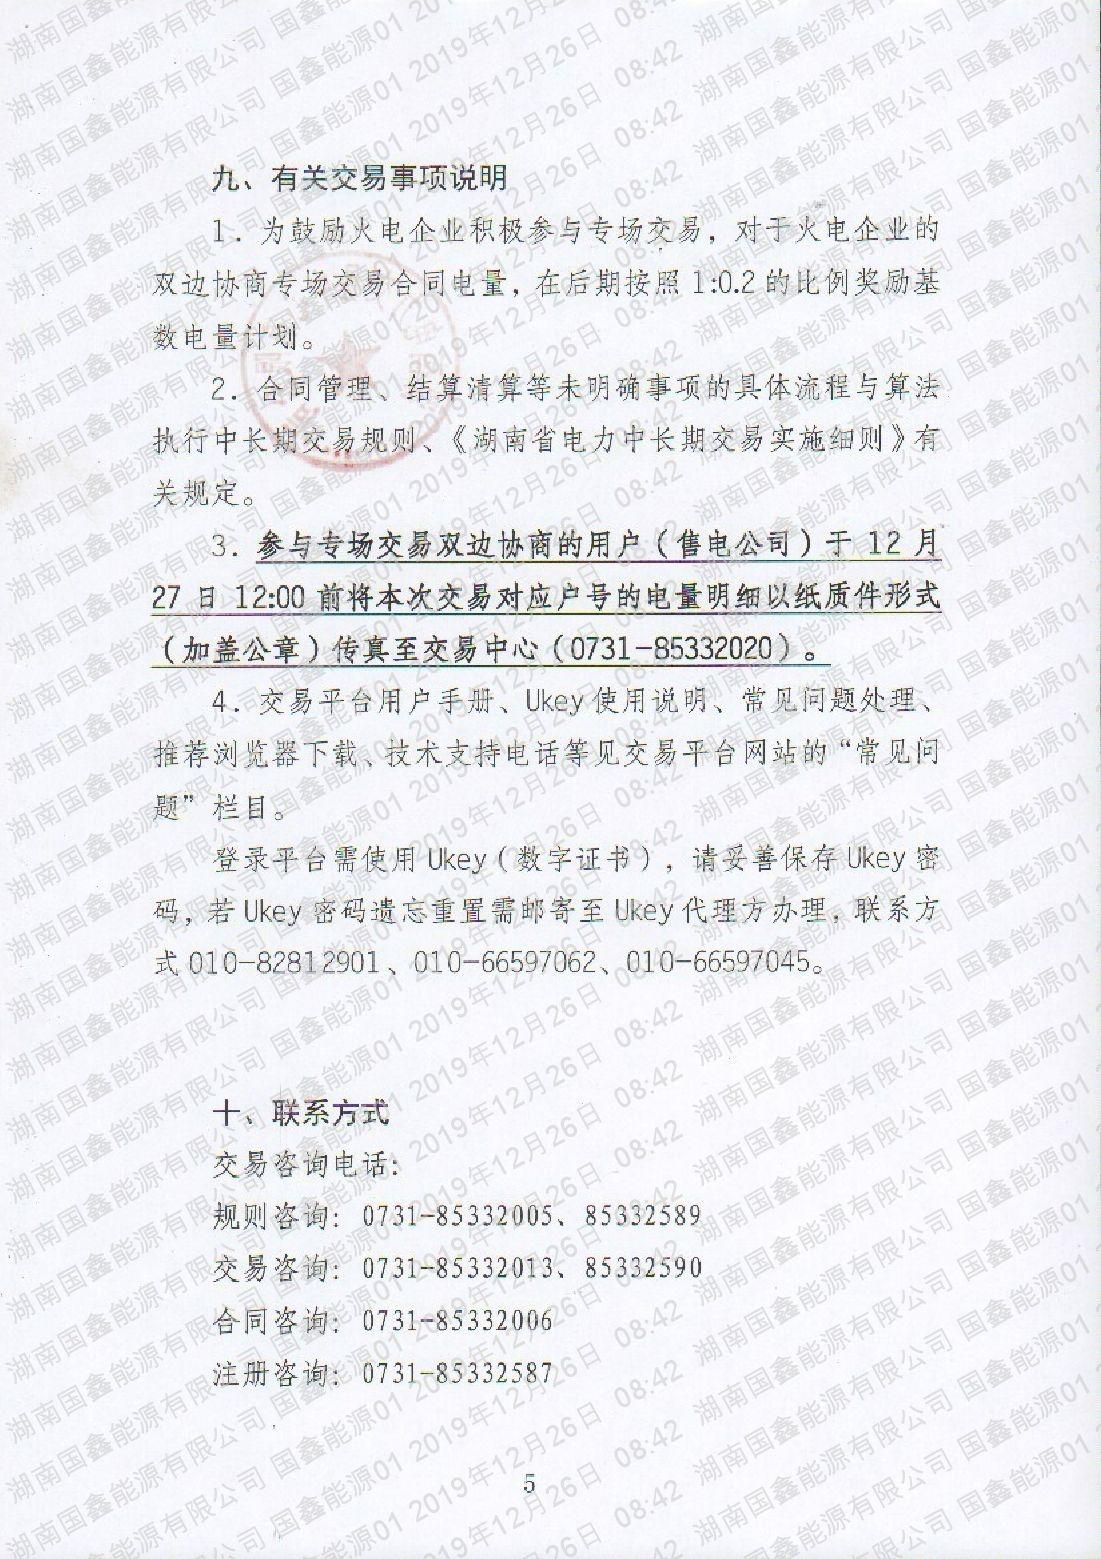 2020年第1號交易公告(1月擴需增發專場交易).pdf_page_5_compressed.jpg